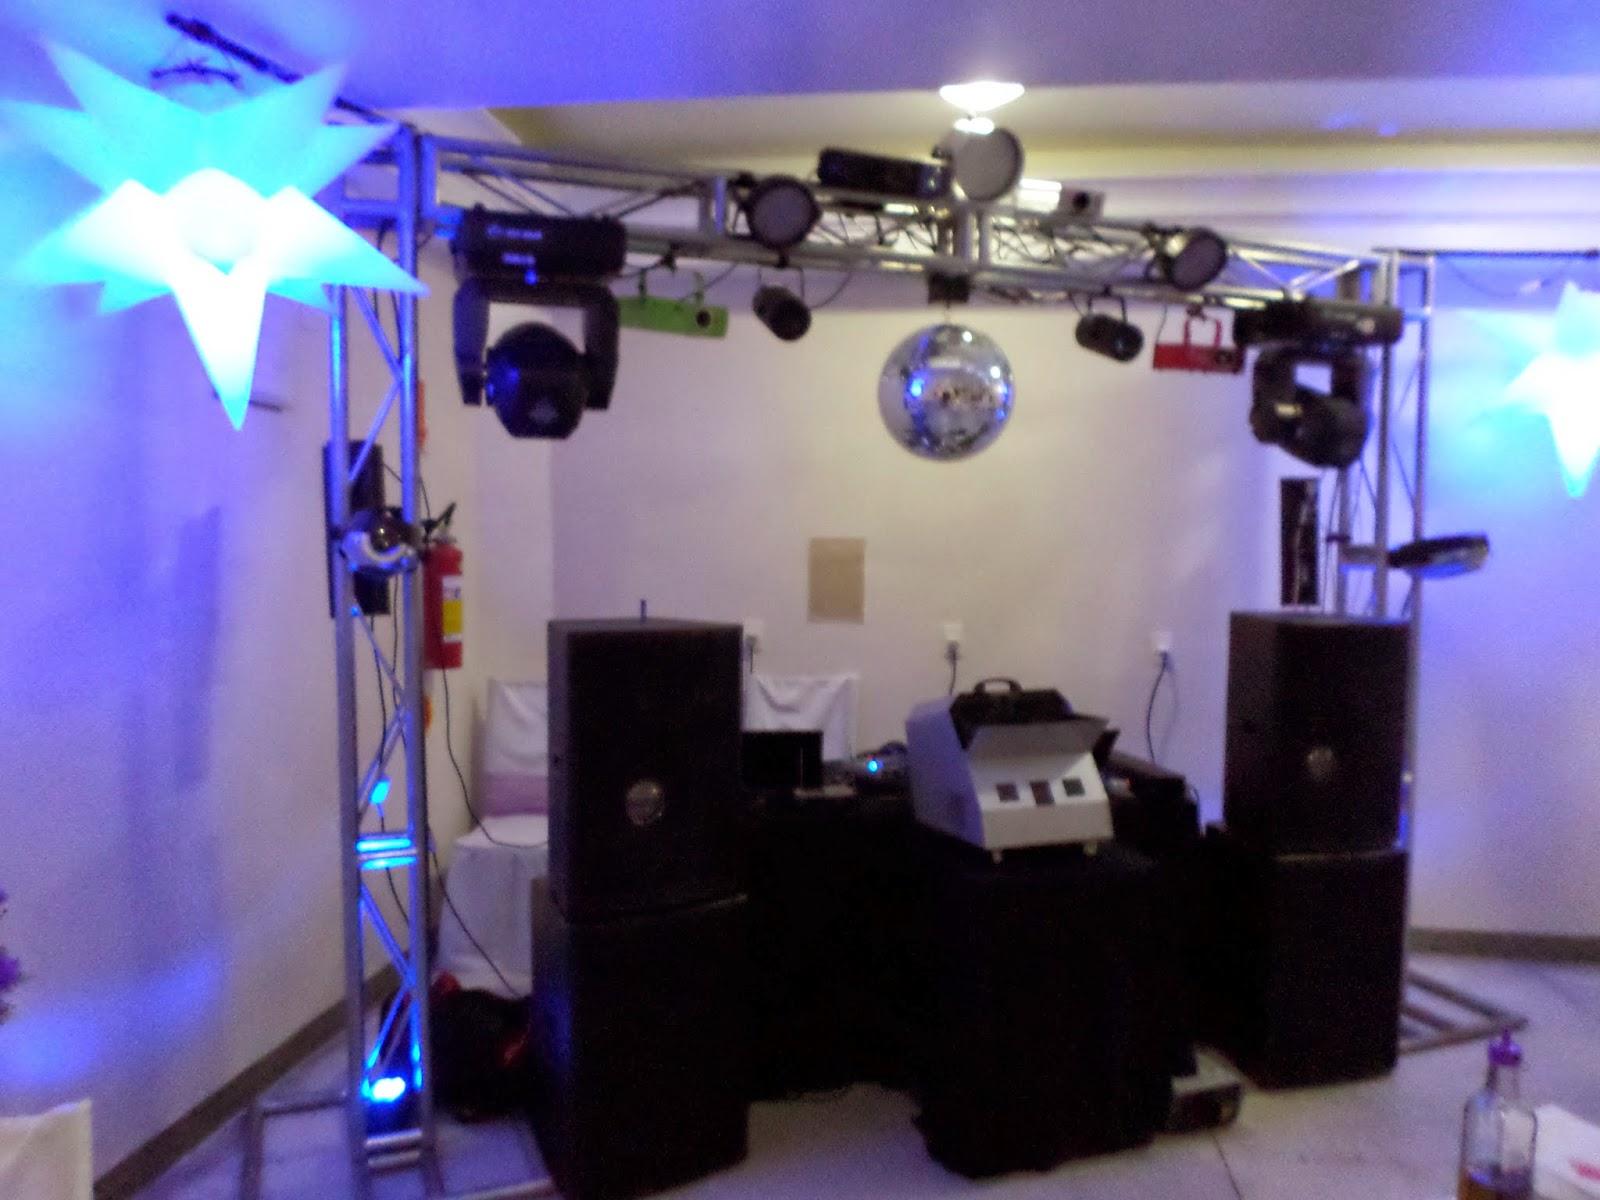 DJ para eventos 47-30264086, DJ JOINVILLE, DJ PRA FESTA, DJ PRA CASAMENTO, DJ EM JOINVILLE, DJ DE FESTA DE 15 ANOS,DJ PARA EVENTOS EM JOINVILLE,